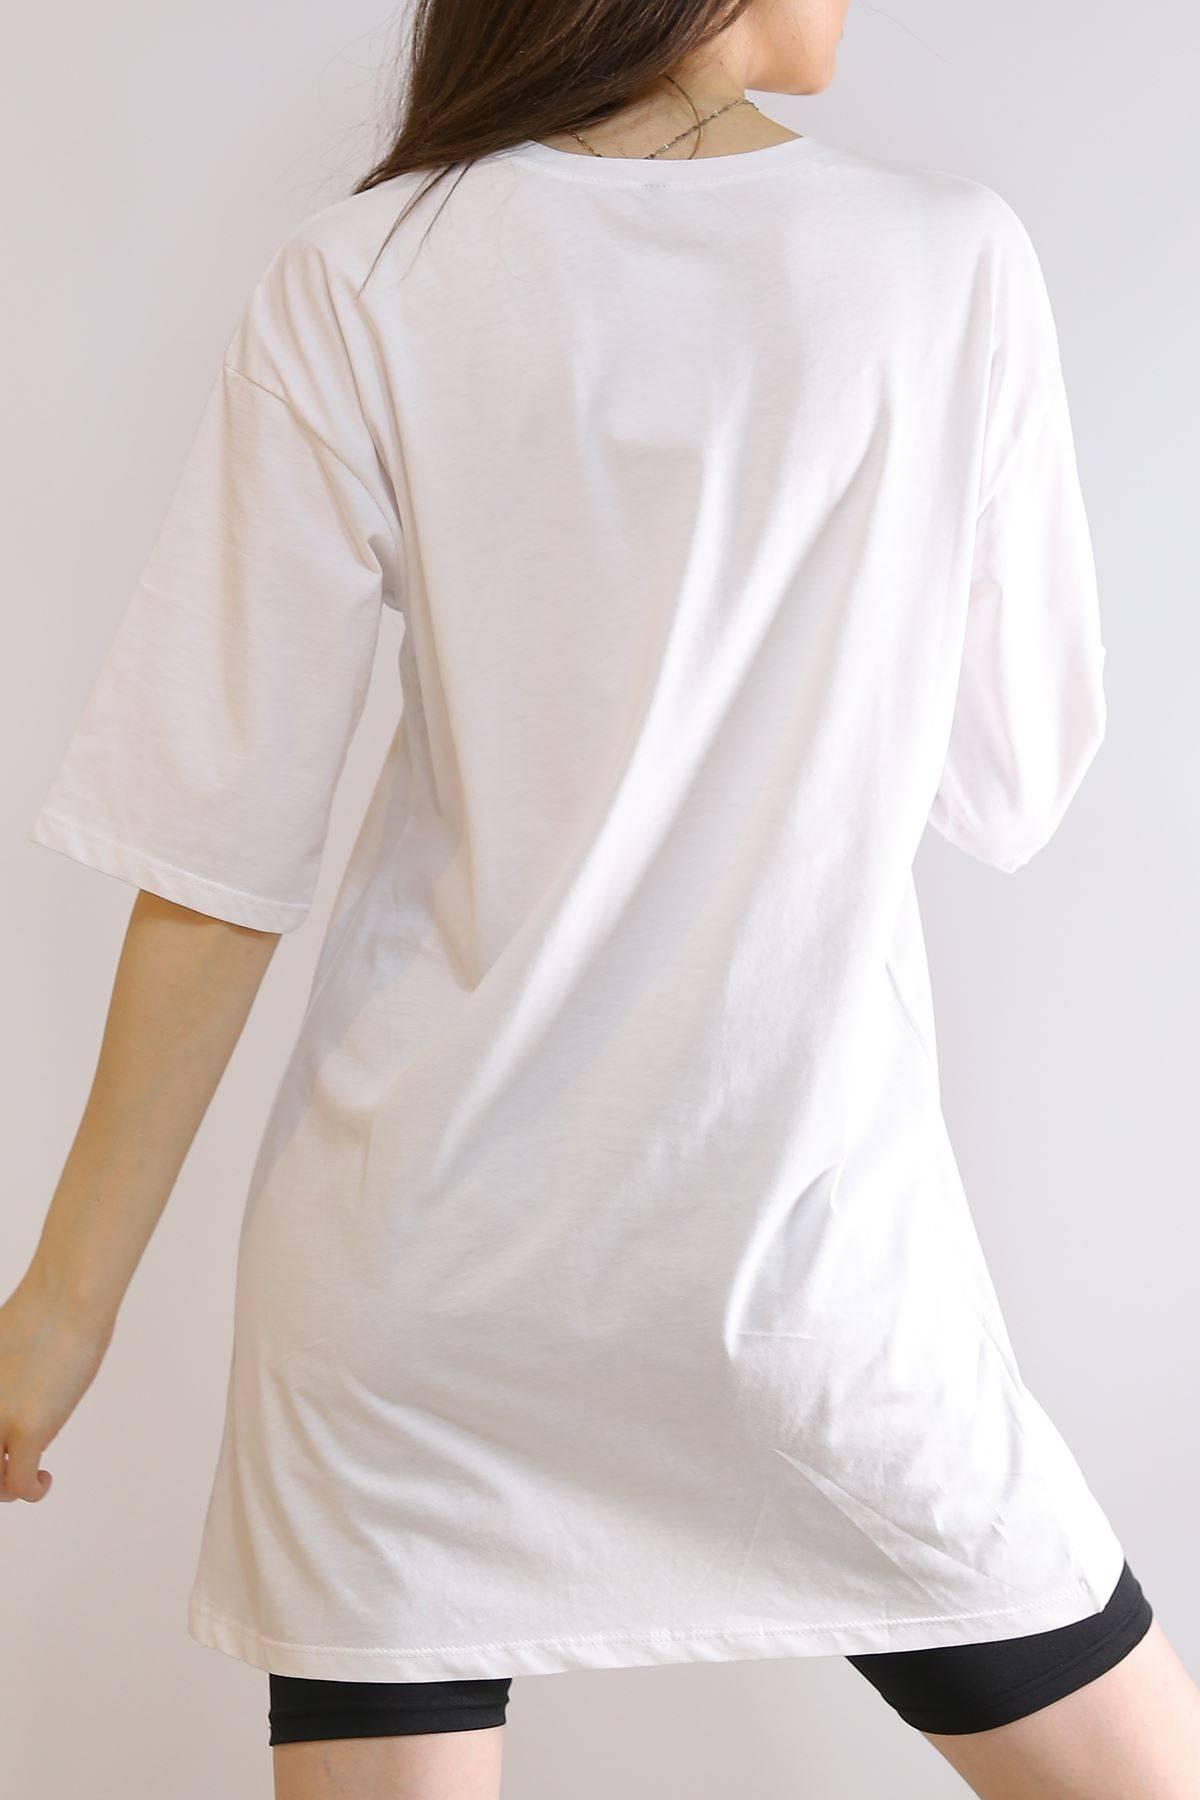 Baskılı Oversize Tişört Beyaz - 3004.196.